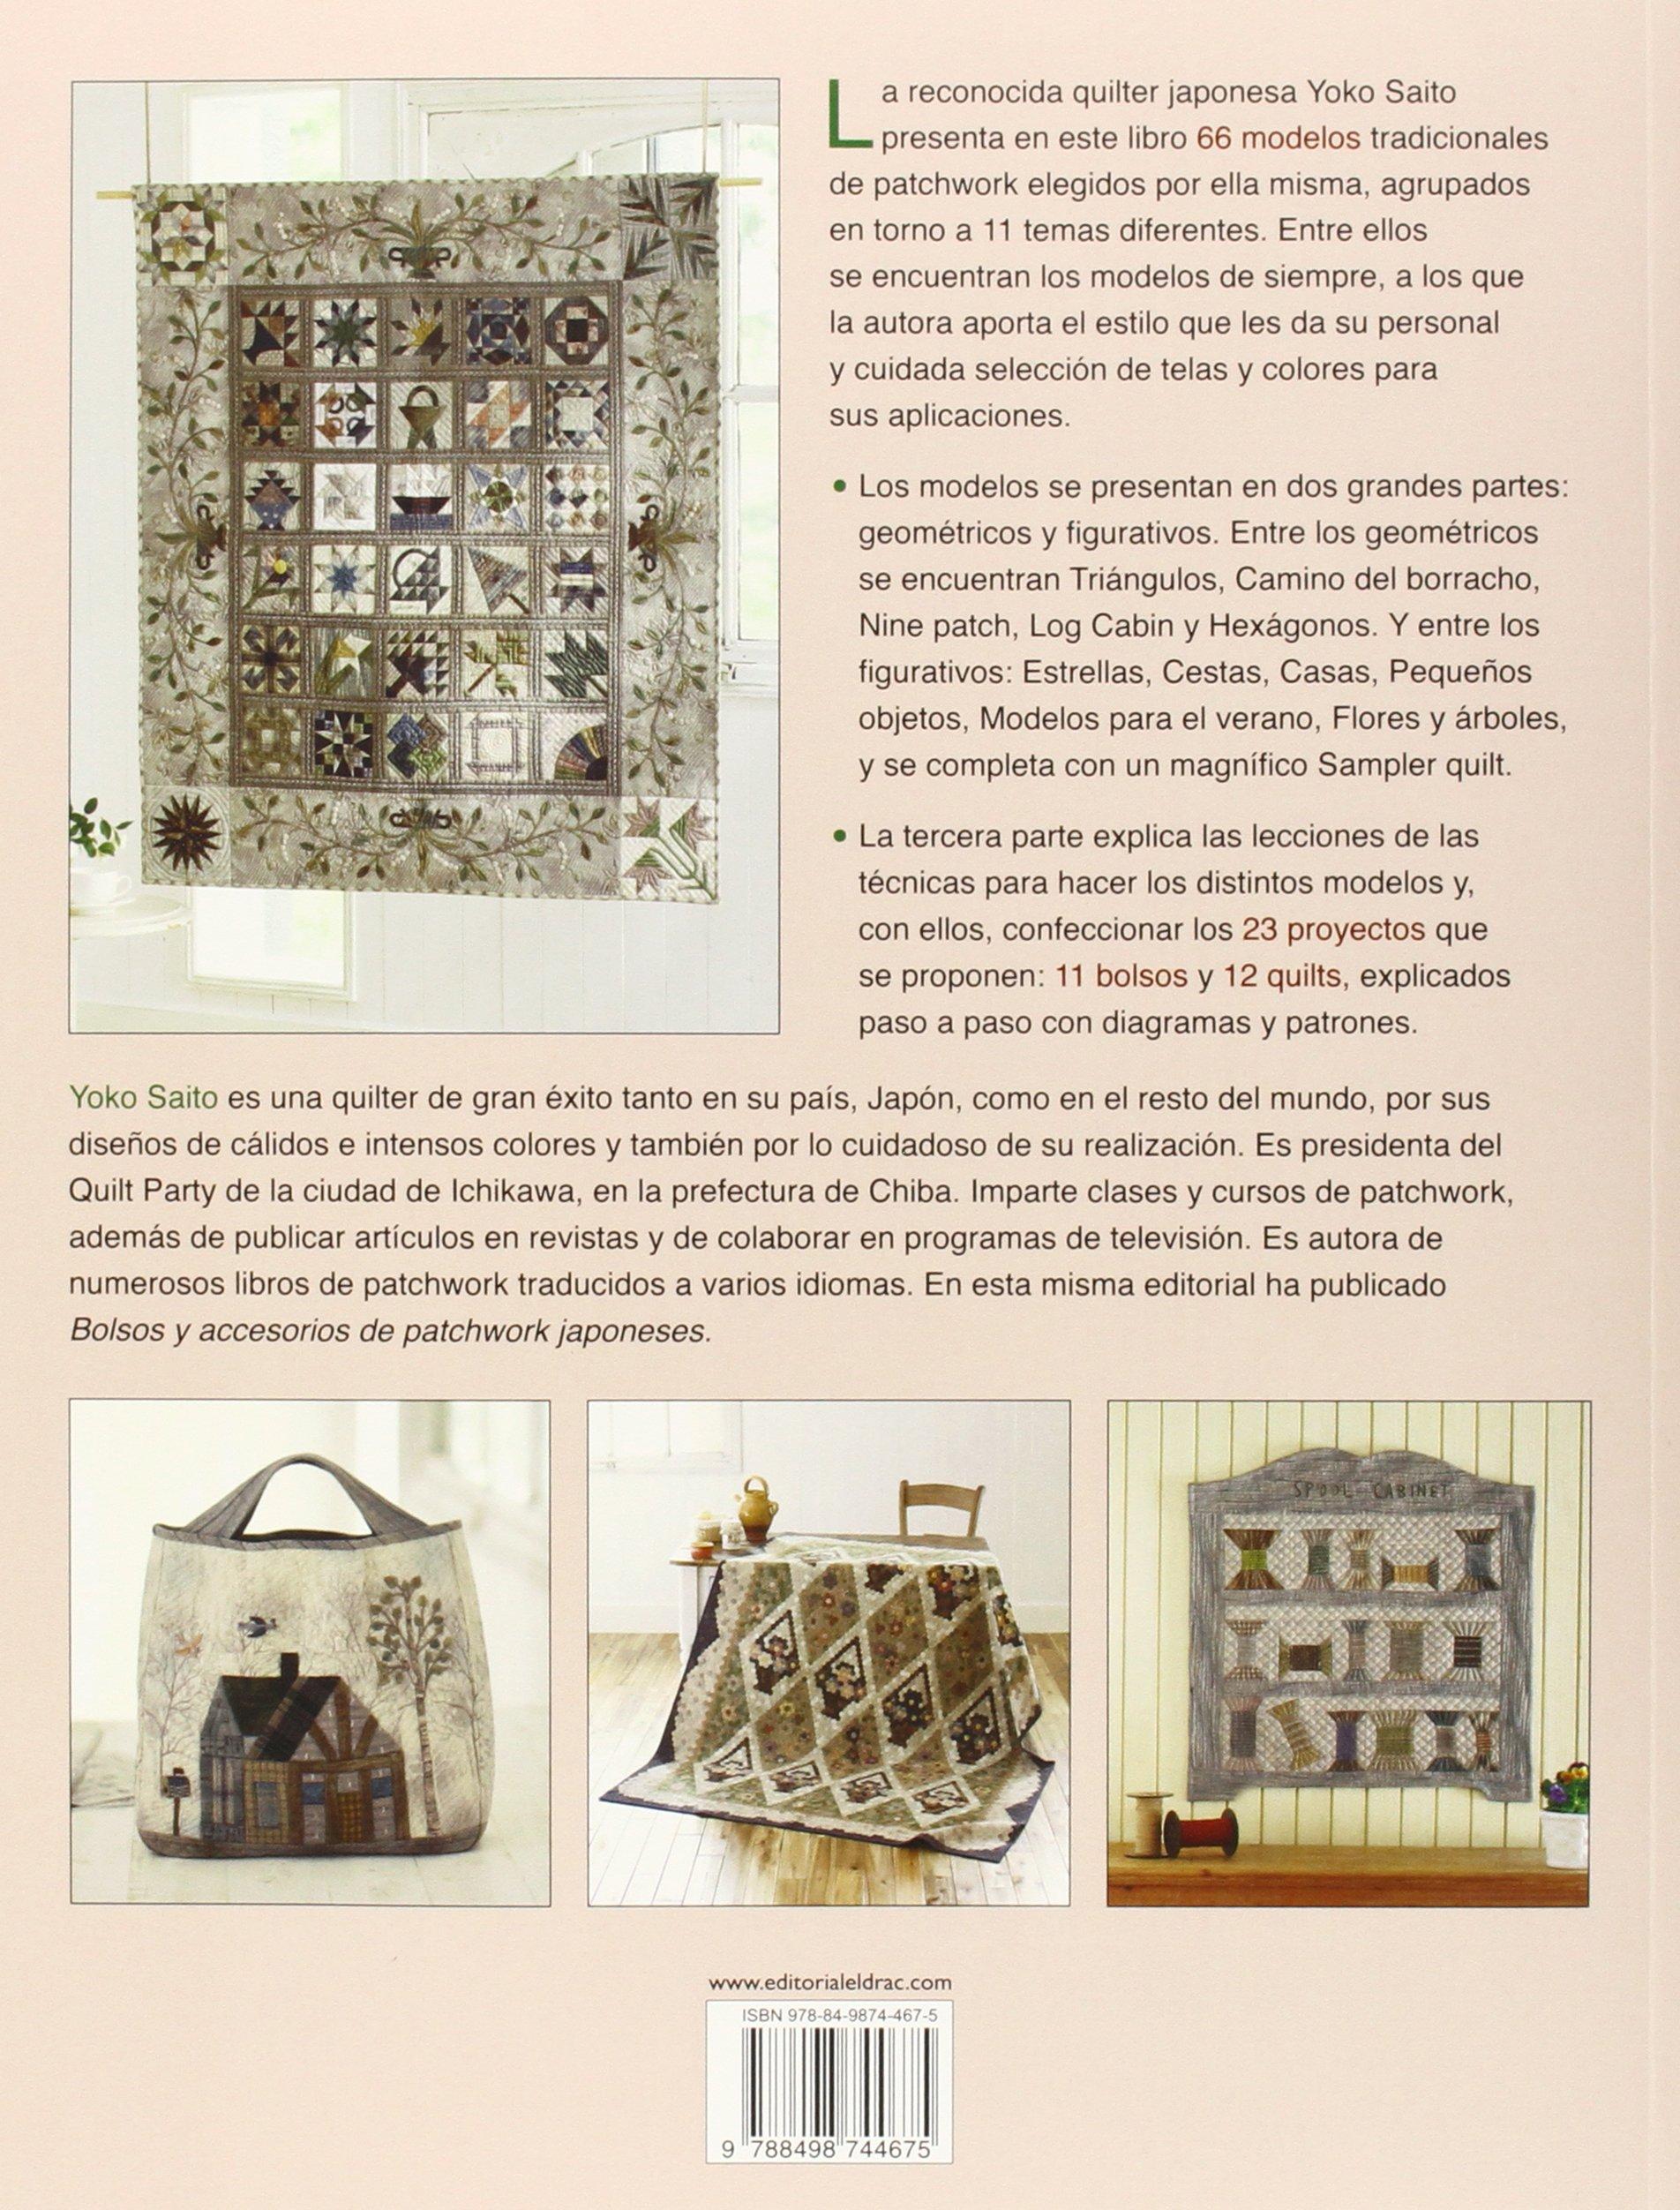 Los modelos tradicionales de Patchwork en lecciones: SAITO(744675): 9788498744675: Amazon.com: Books